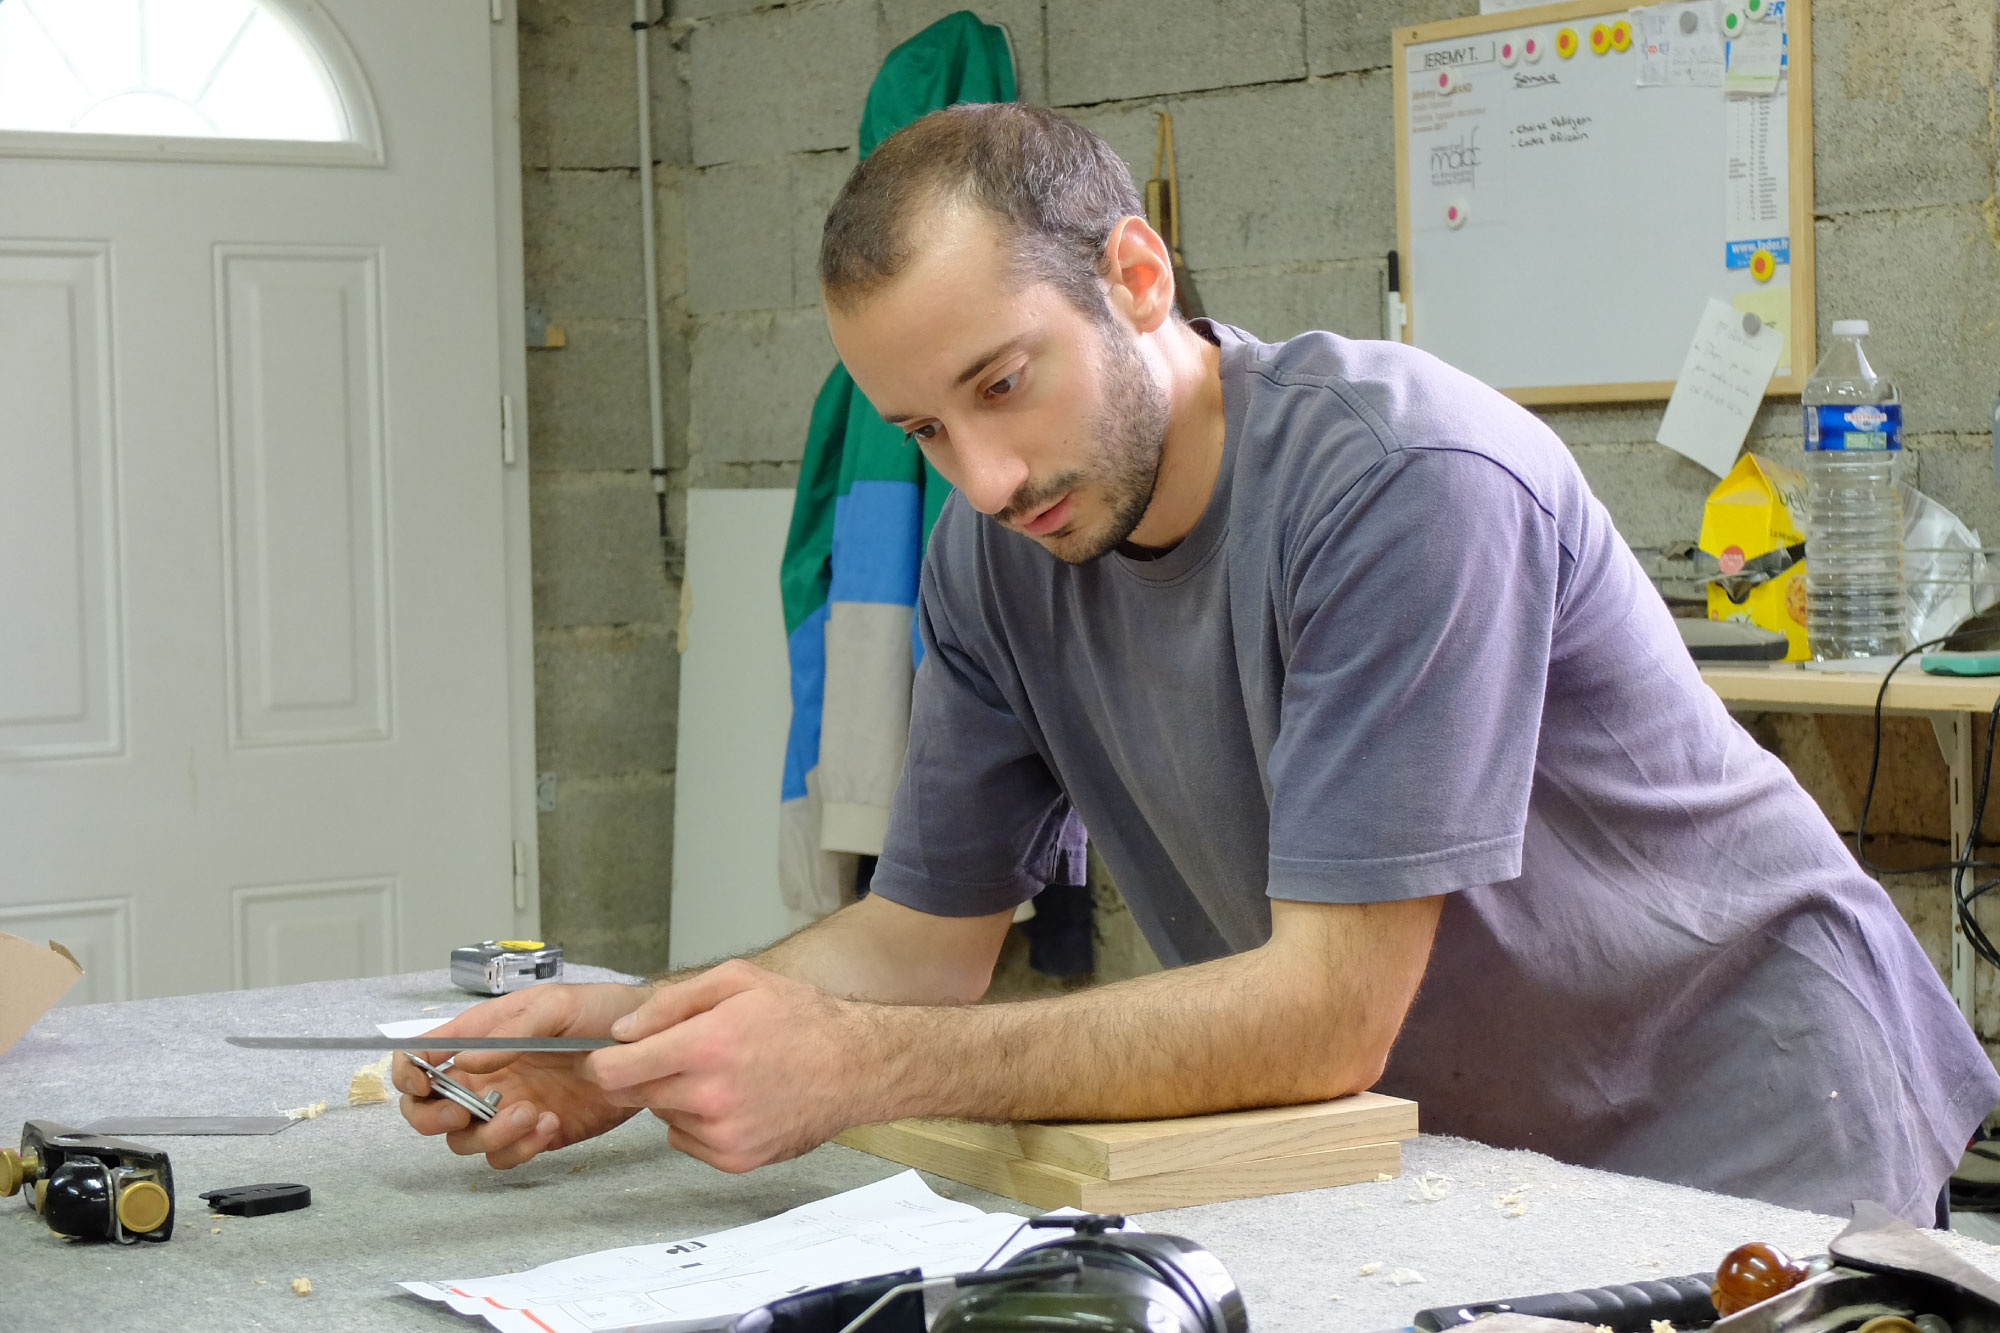 Jeremy tissand - portrait de l'ébéniste